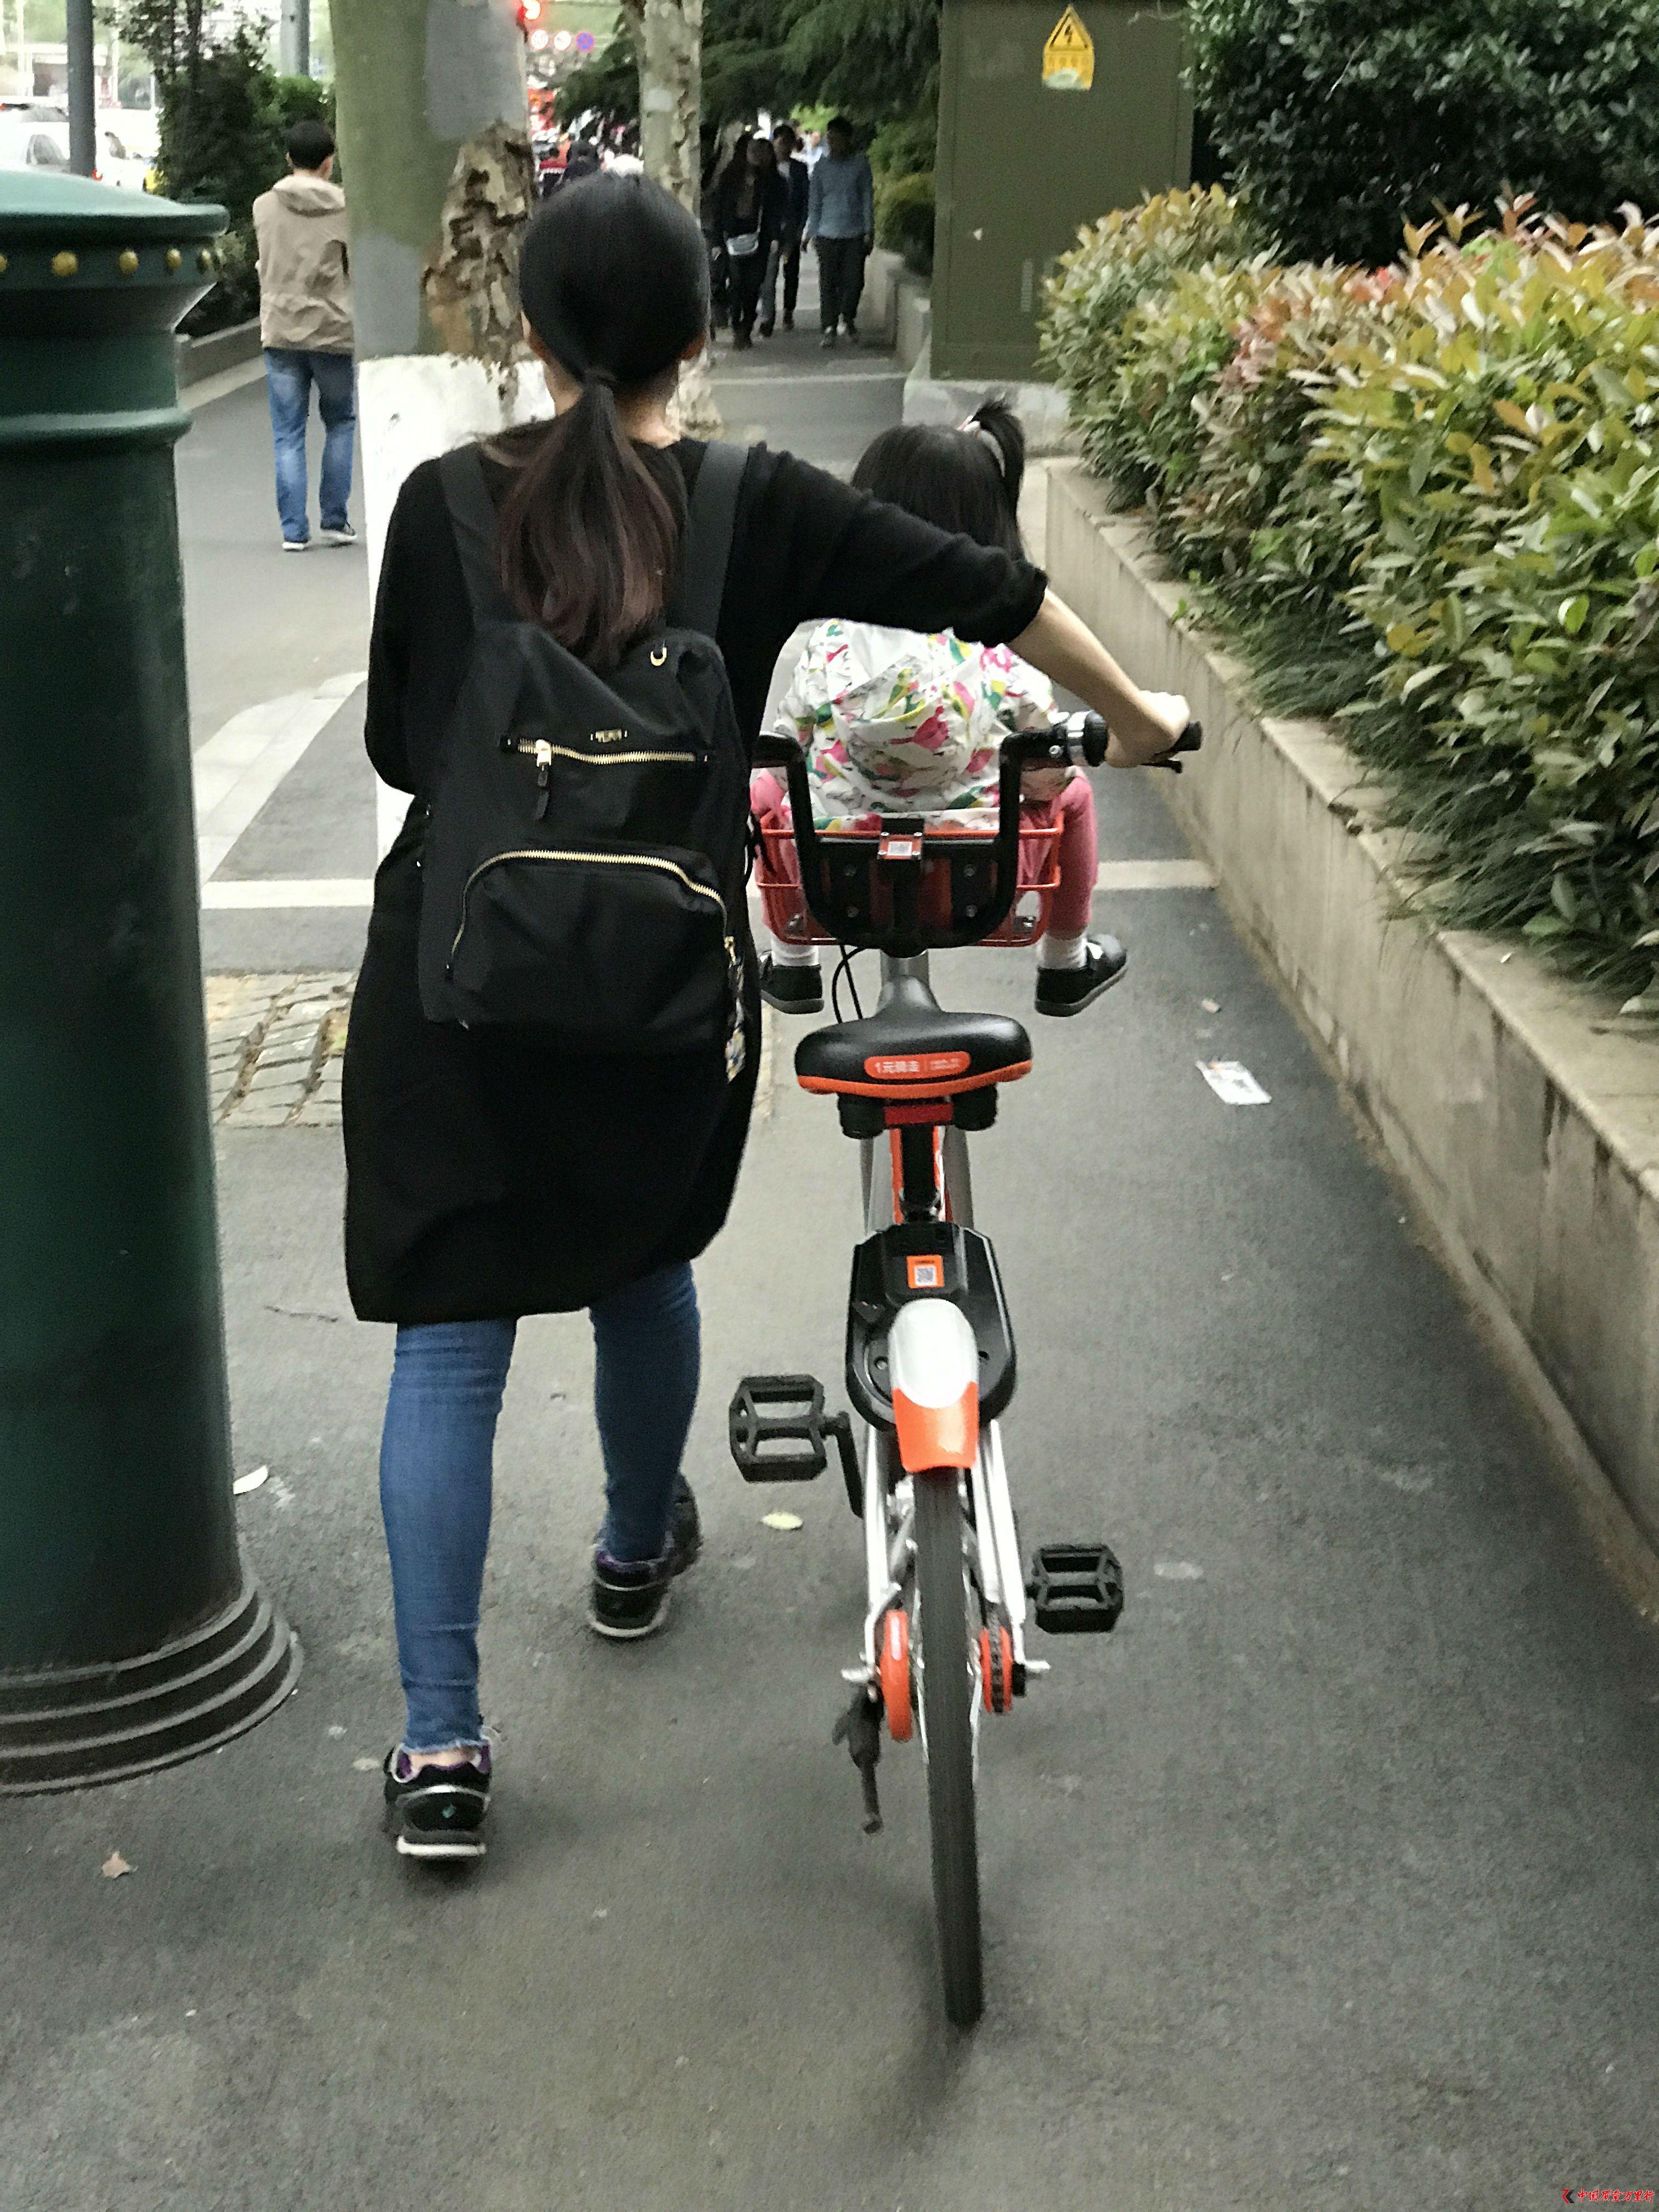 共享单车私装儿童座椅隐患多